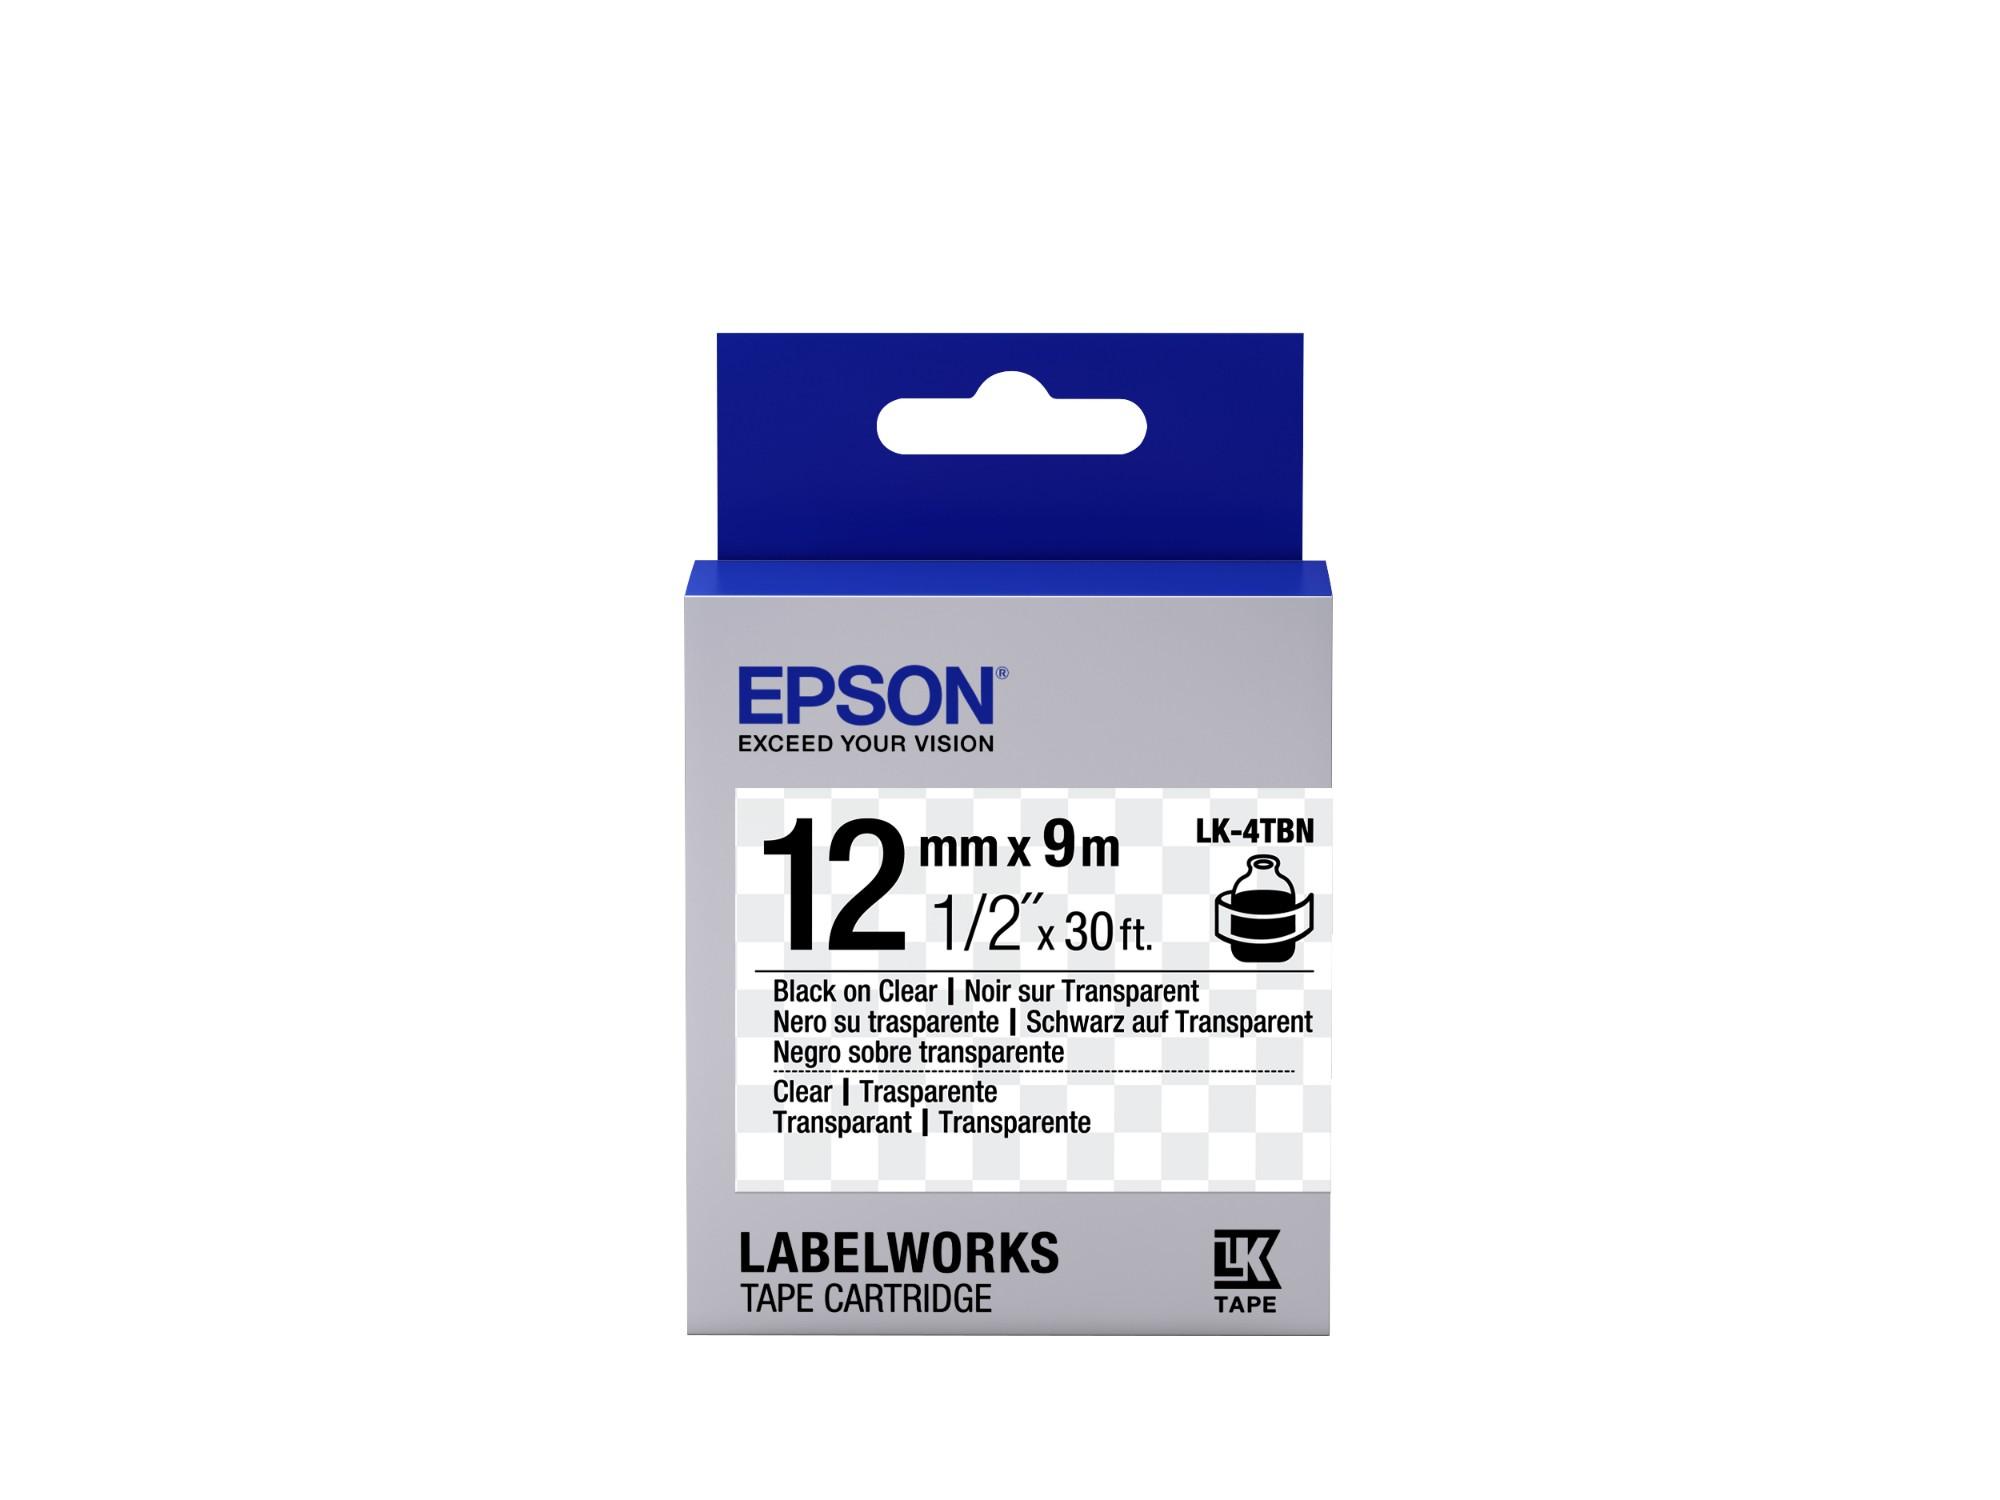 Epson Cinta transparente- LK-4TBN negra transparente/transparente 12/9